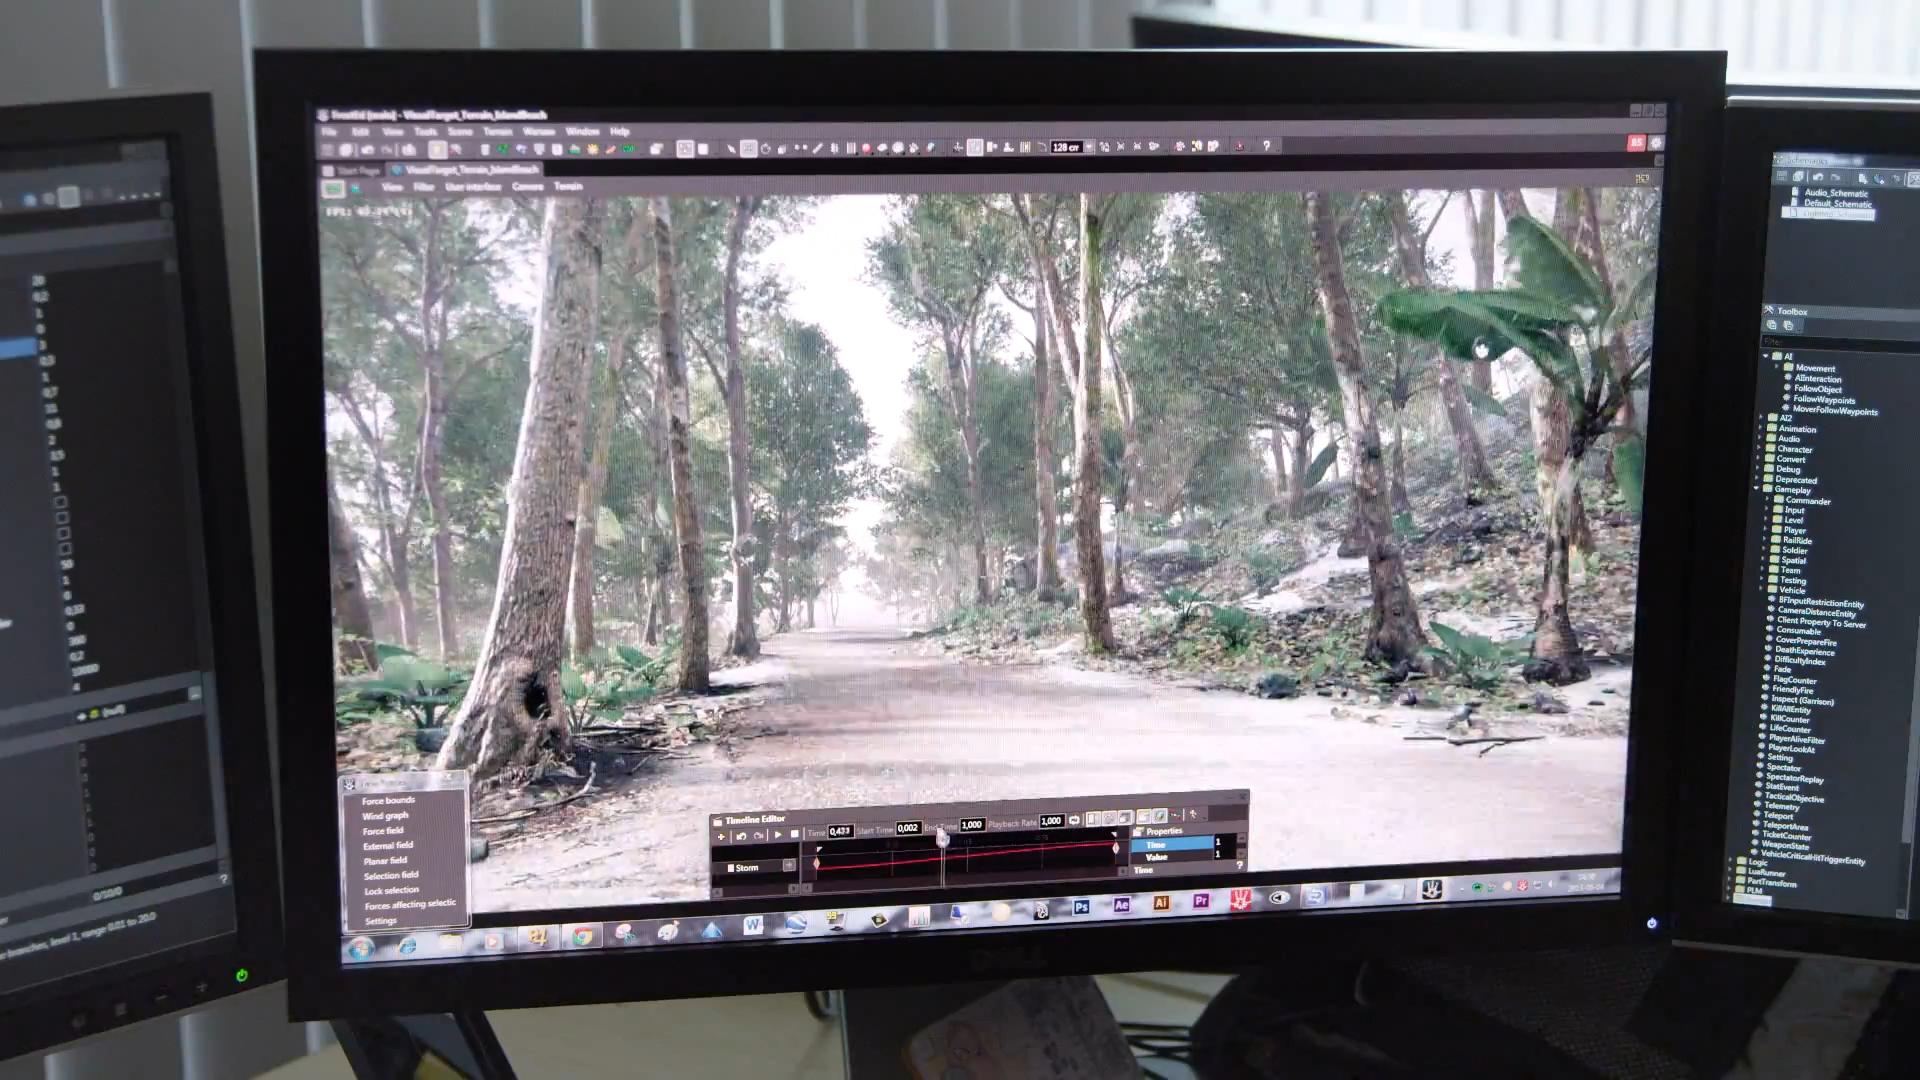 『バトルフィールド4』のゲームエンジン紹介動画画像イメージ10 『バトルフィールド4』のゲームエ